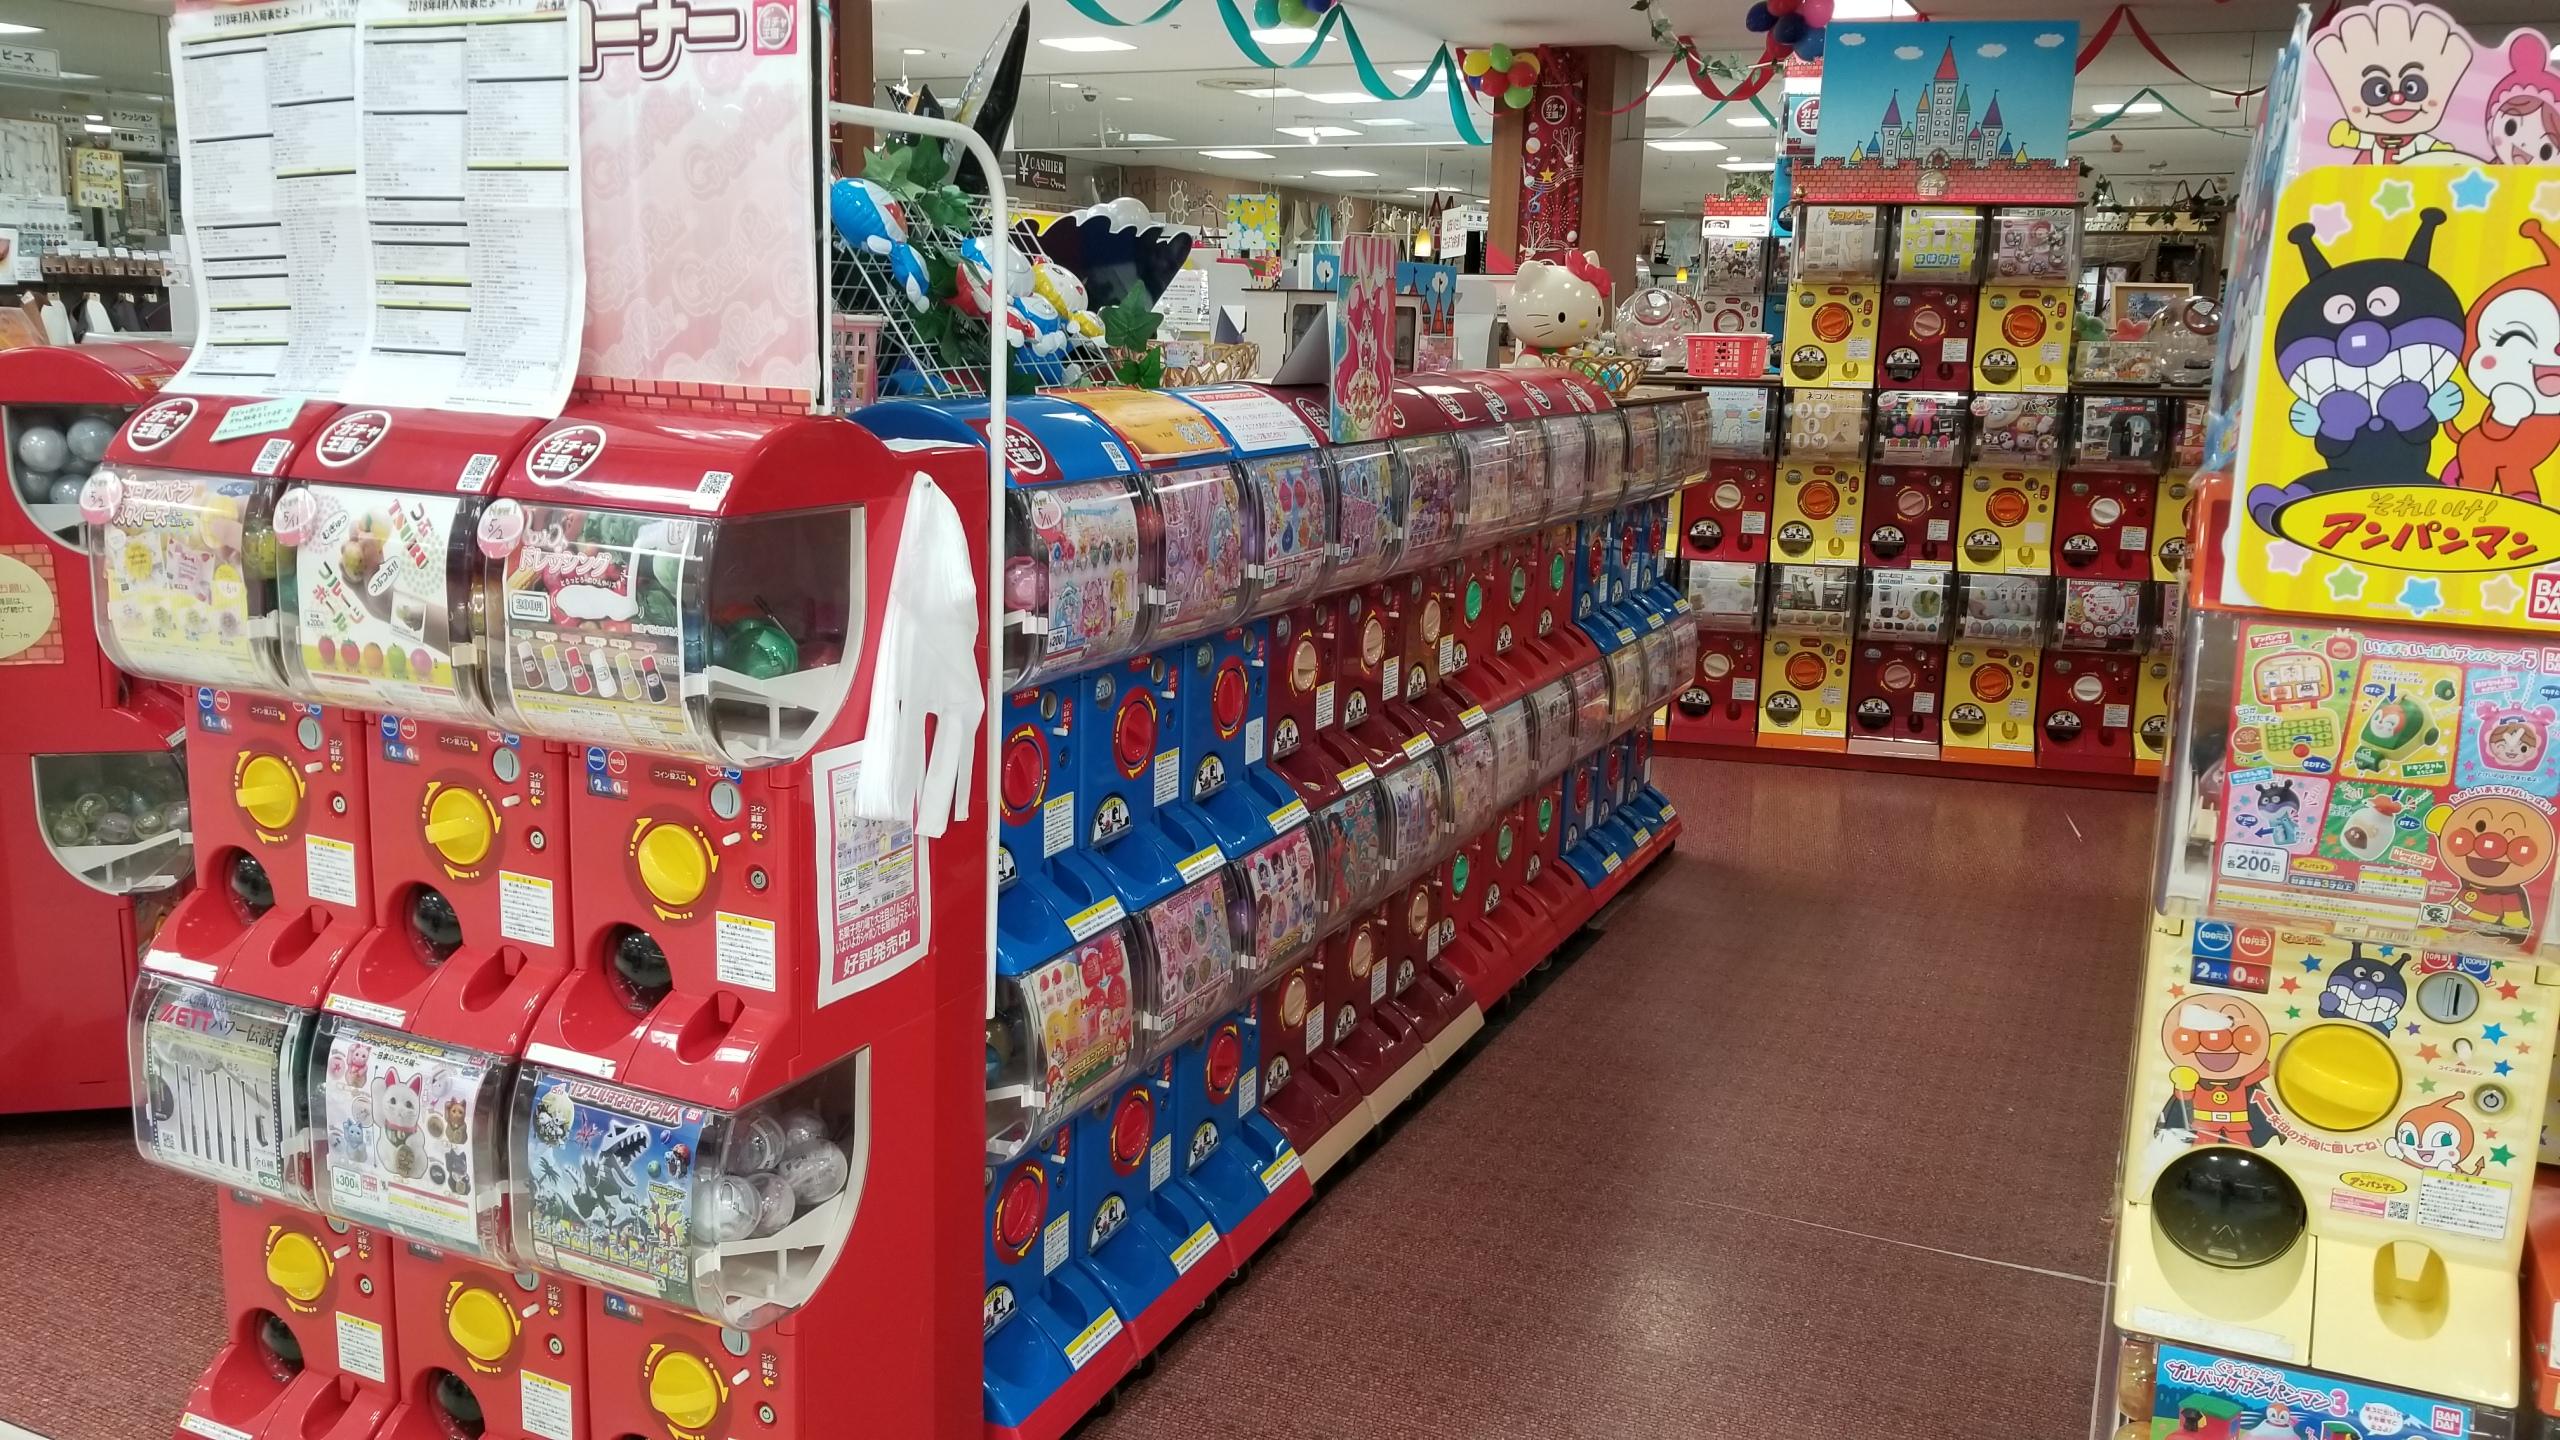 ガチャガチャ,愛媛,ミニチュア,ジョープラ,ガチャポン,おもちゃ,玩具